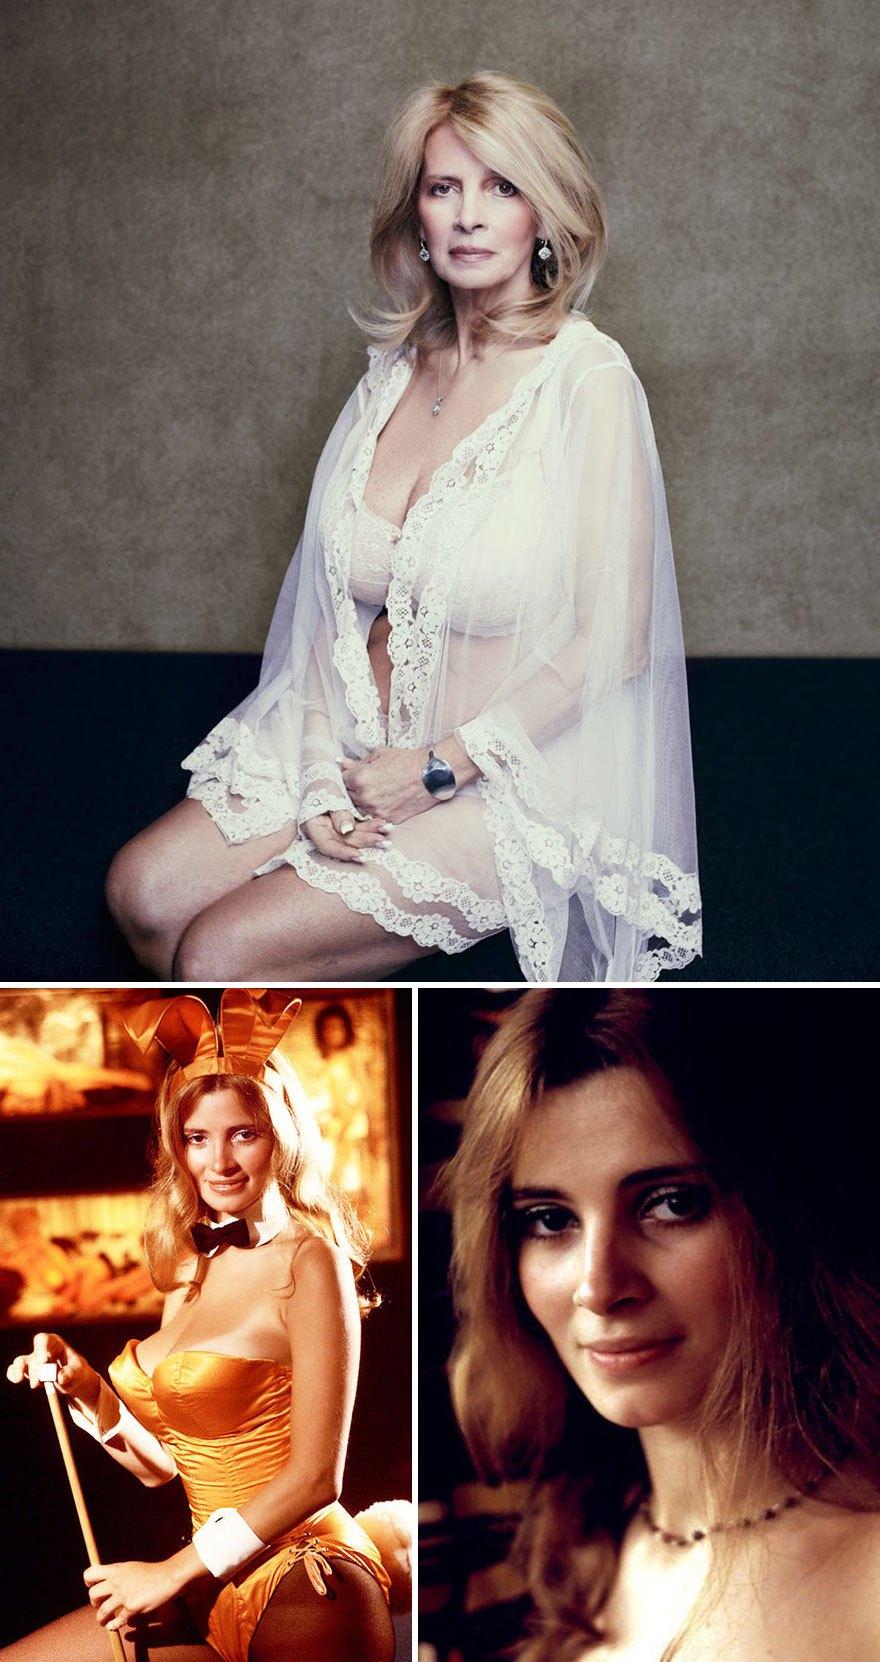 64-летняя Джанет Лупо – Мисс ноябрь 1975. После съемок стала работать агентом по продаже недвижимост